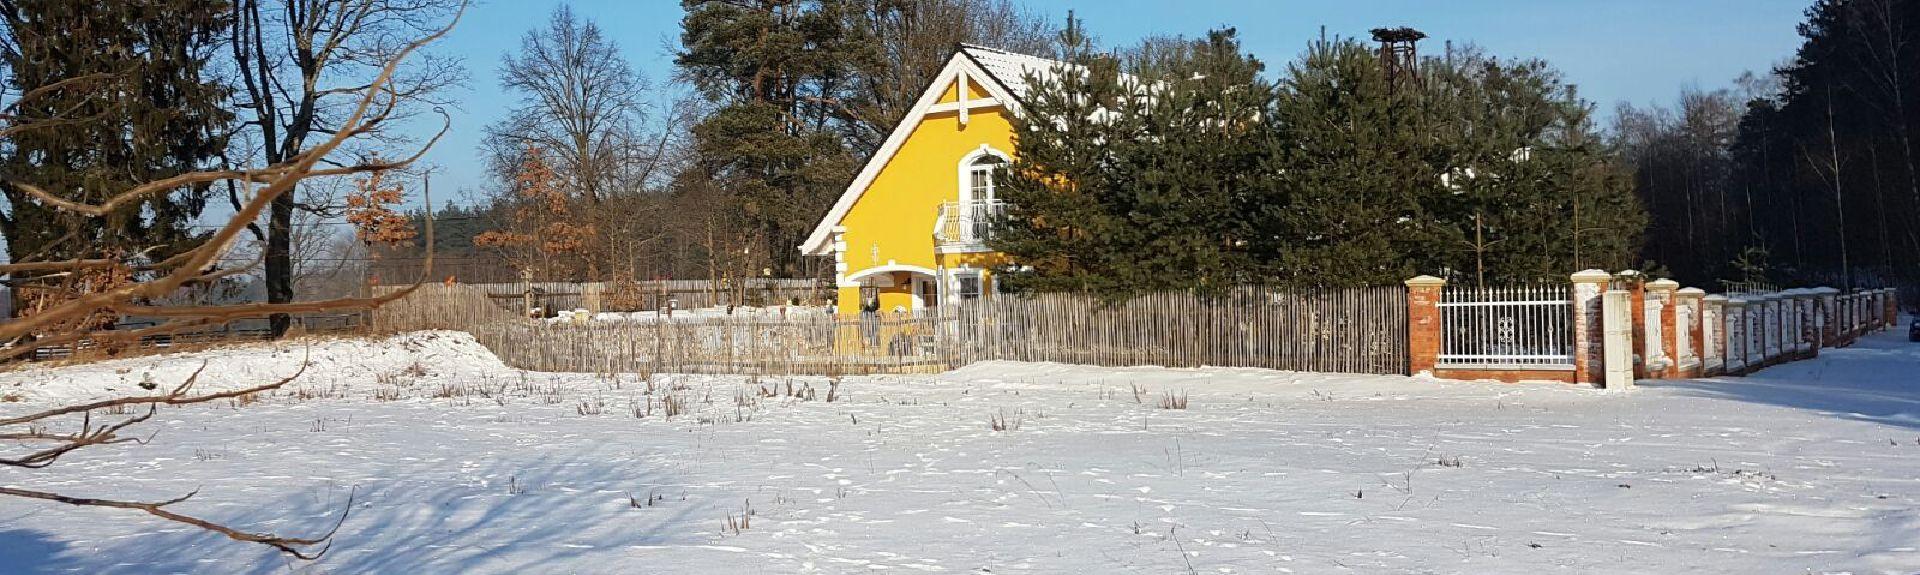 Mragowo Station, Warmian-Masurian Voivodeship, Poland